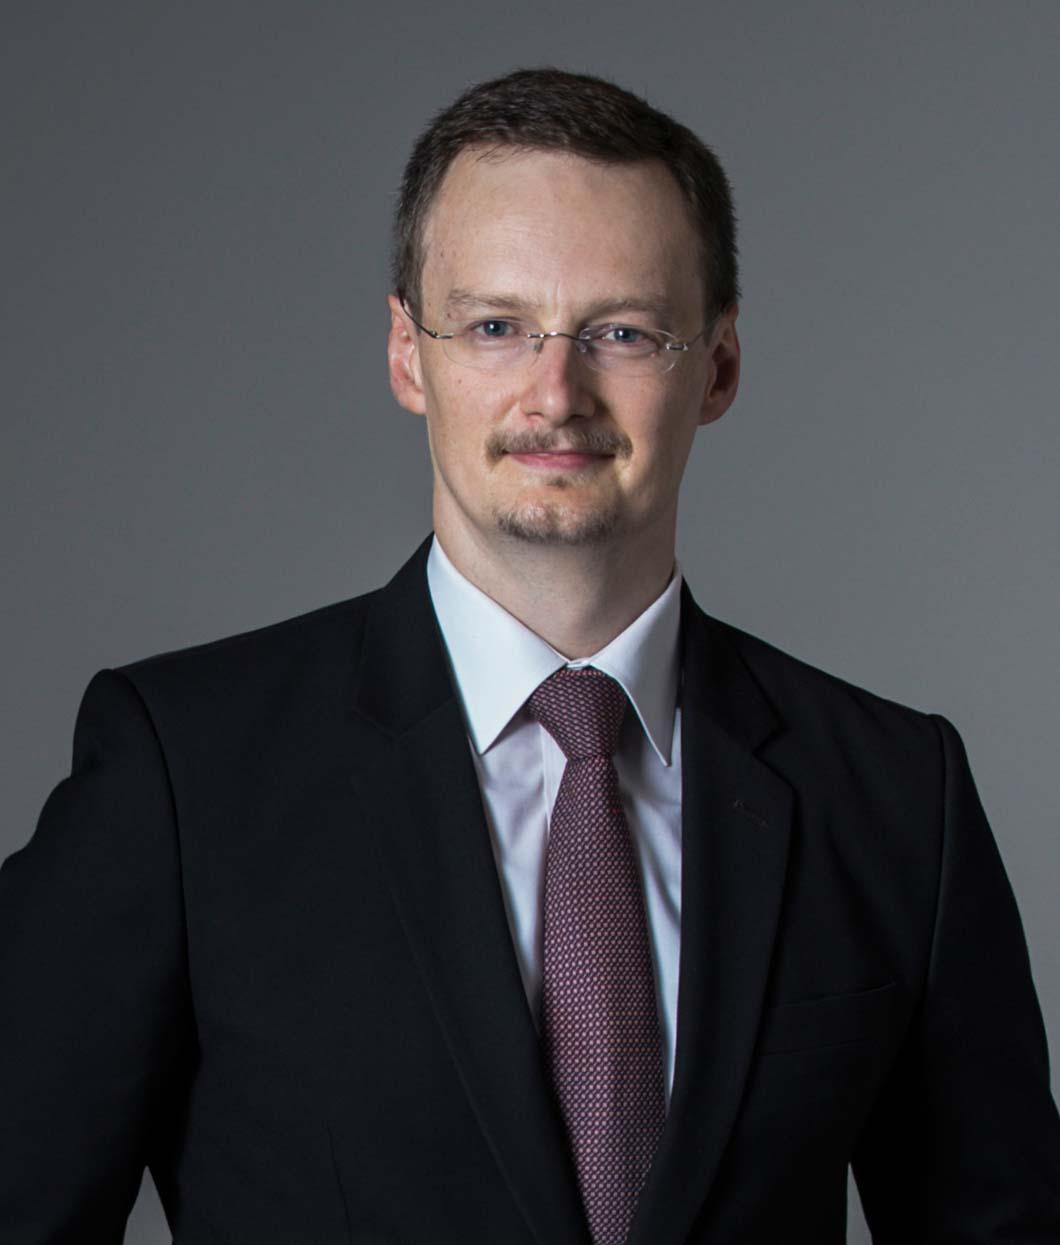 Andrew Edington